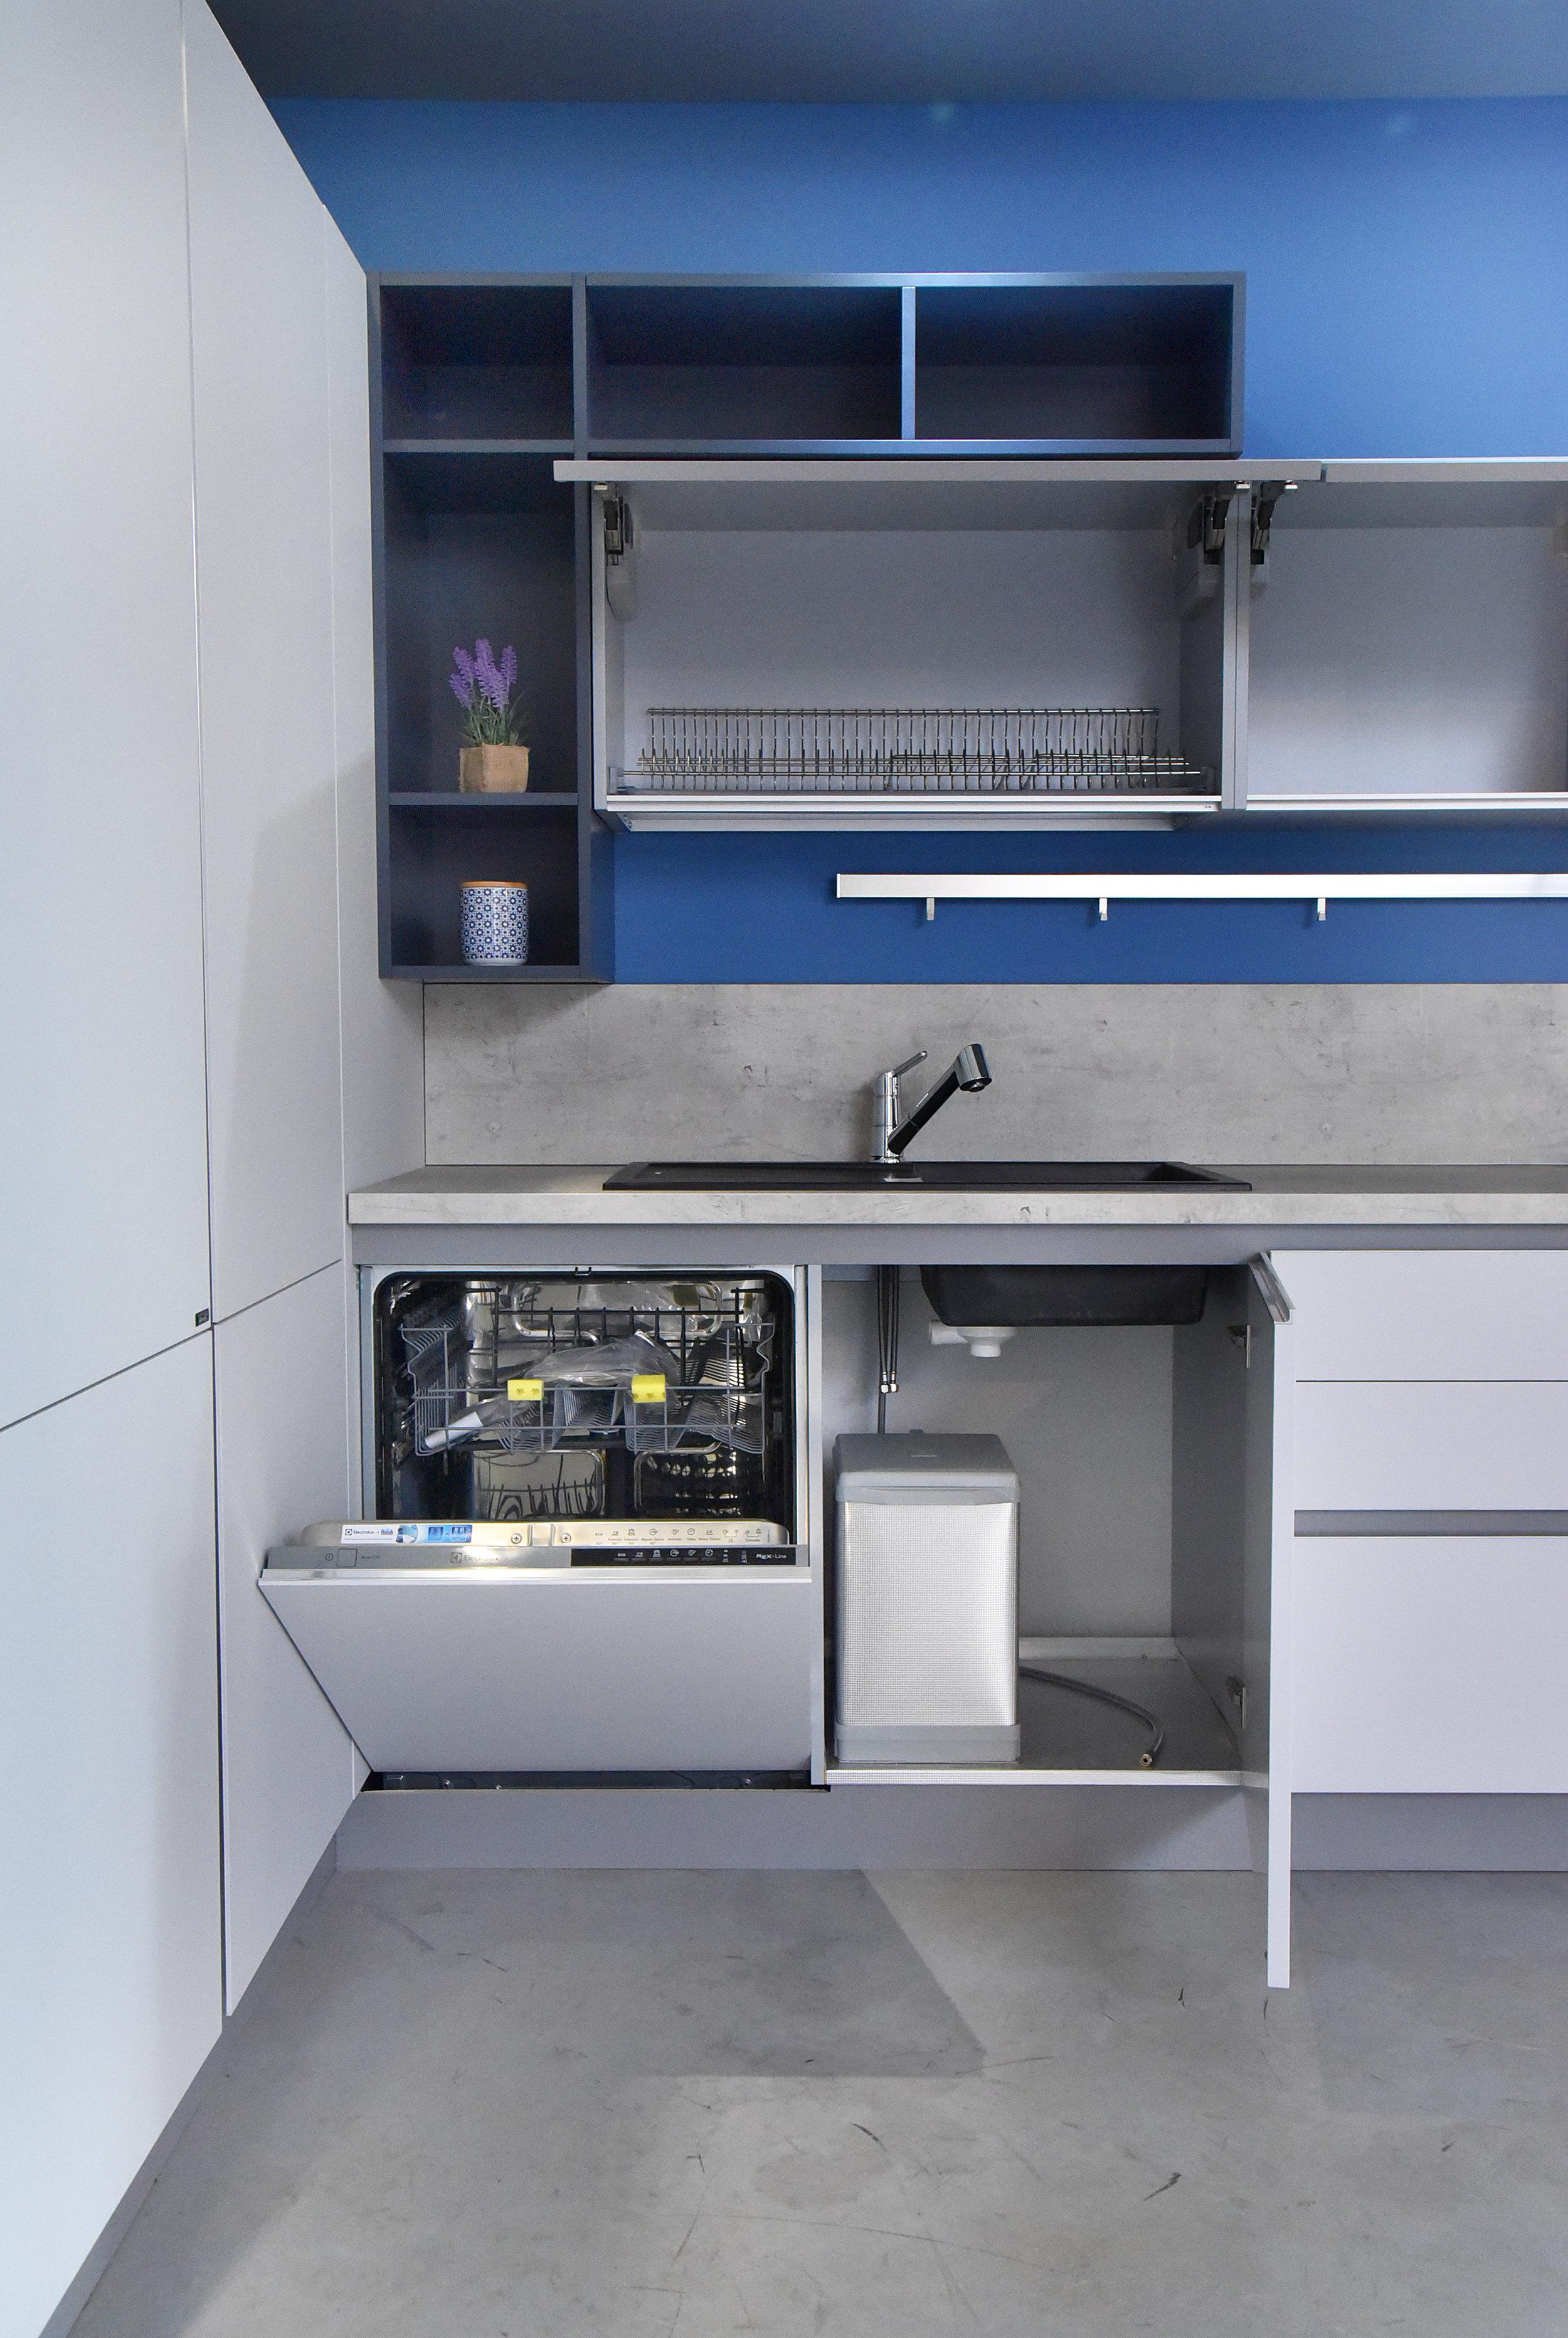 cucina 04 - 07.jpg